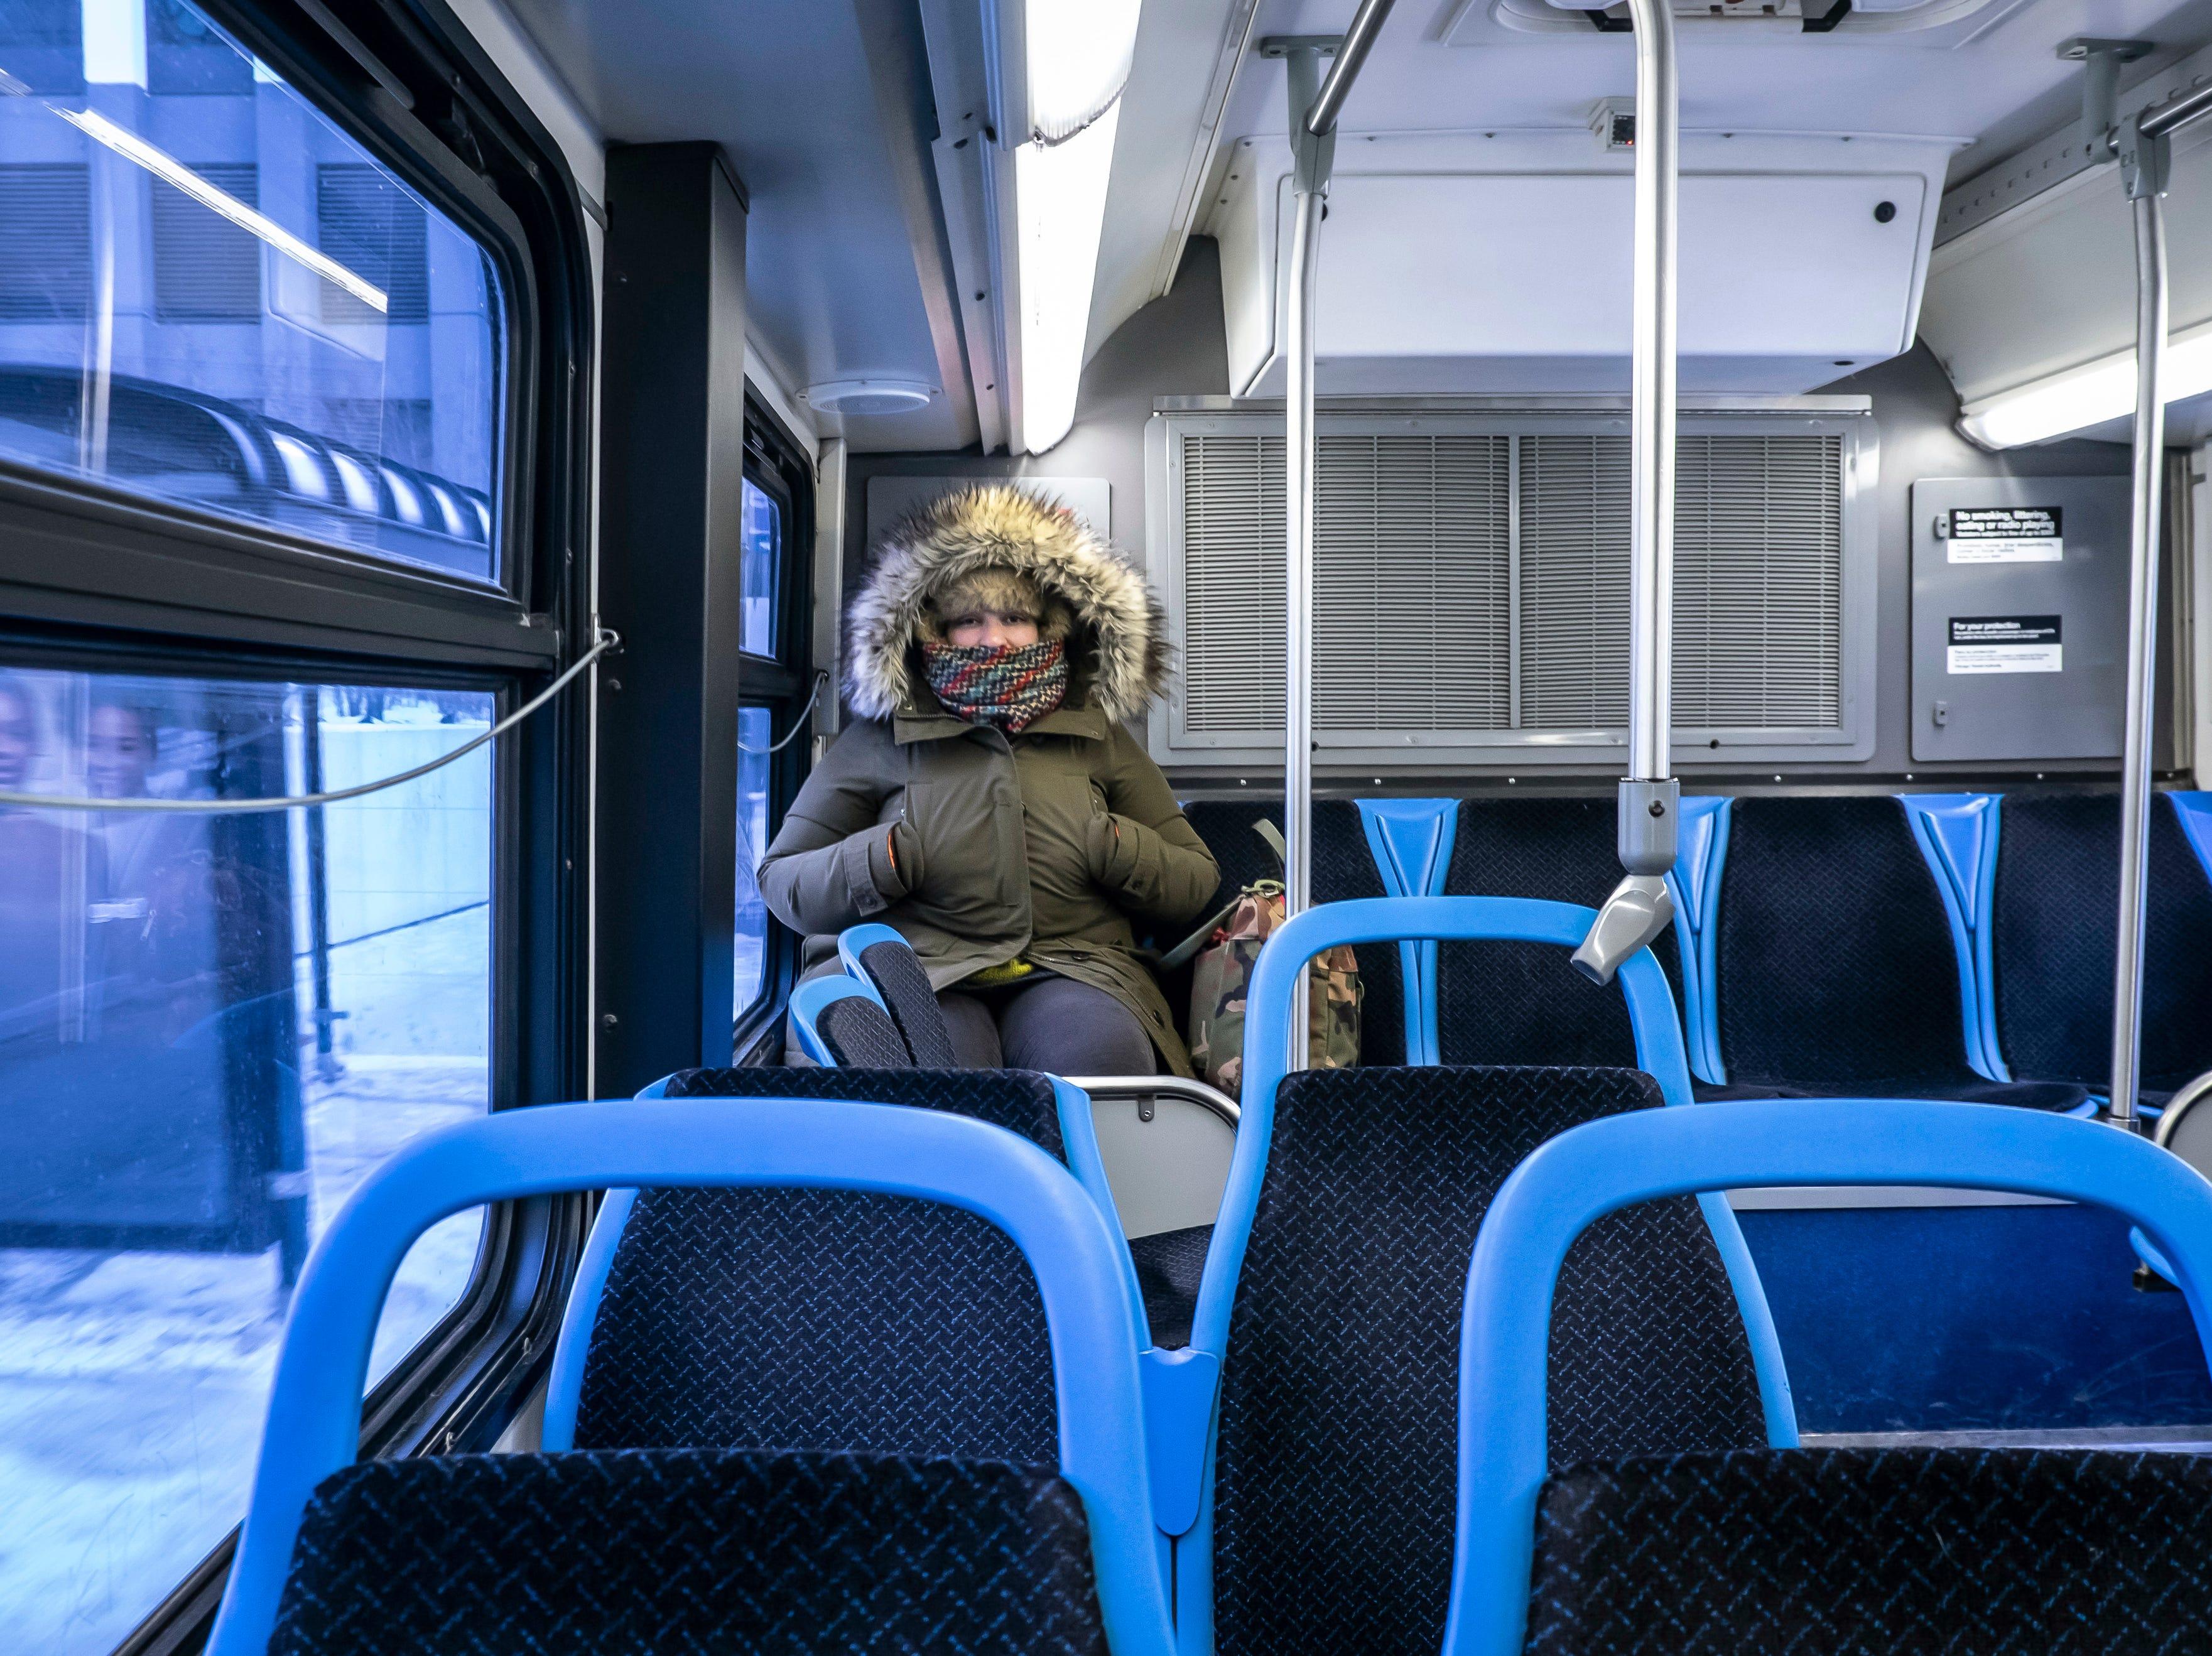 Lisa Laws viaja sola en un autobús de CTA el miércoles 30 de enero de 2019.